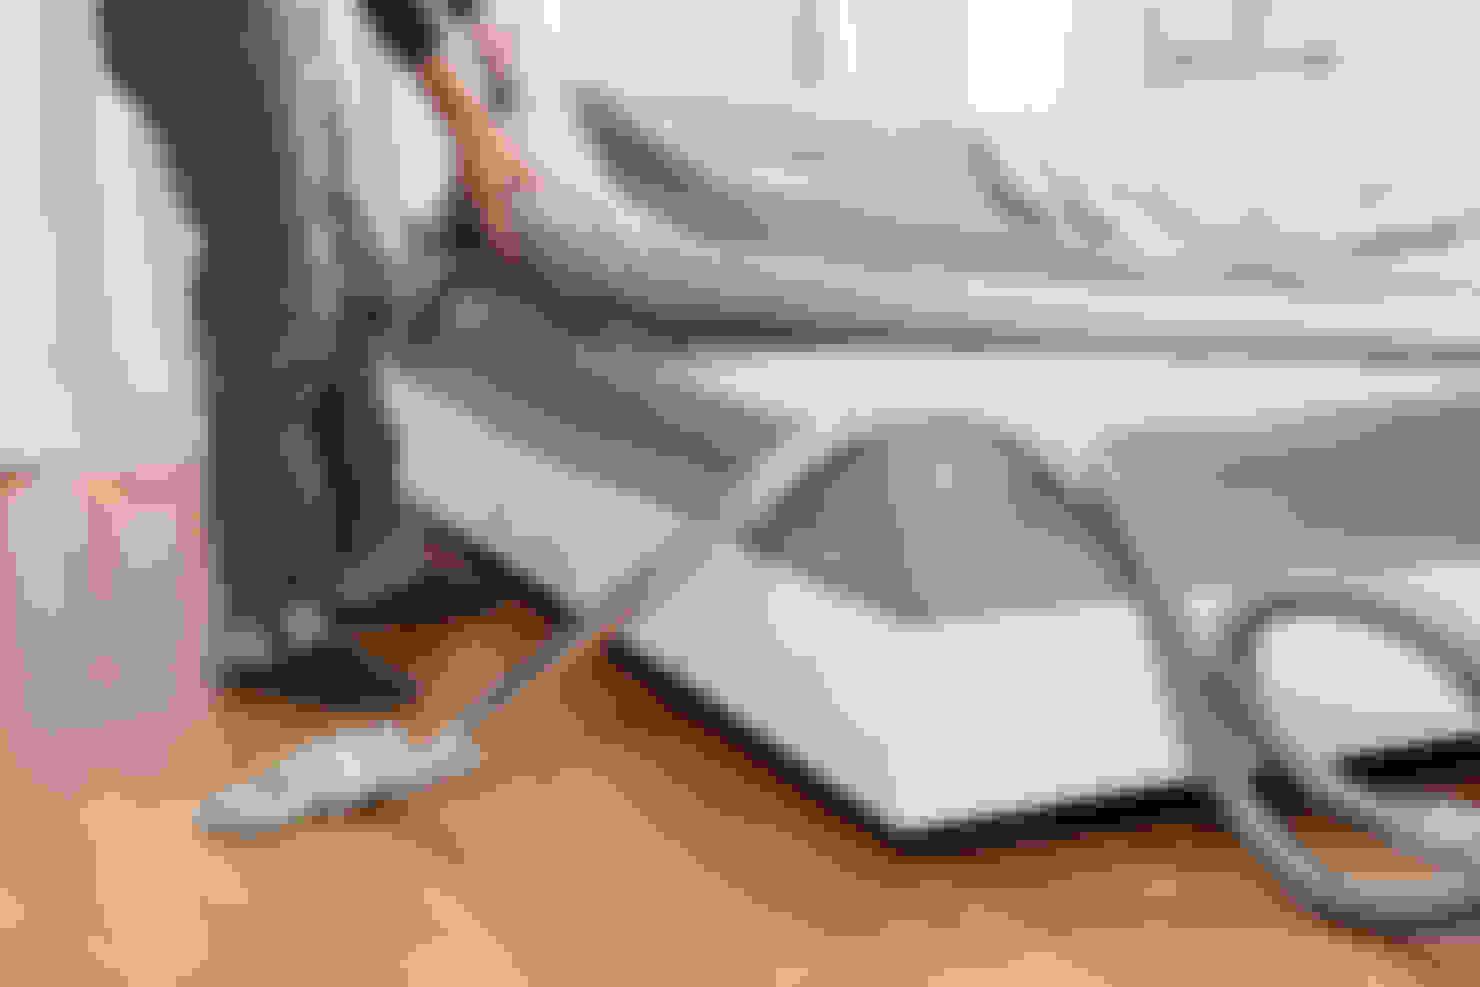 Evinizi daha temiz yapmak için yapabileceğiniz 10 farklı uygulama